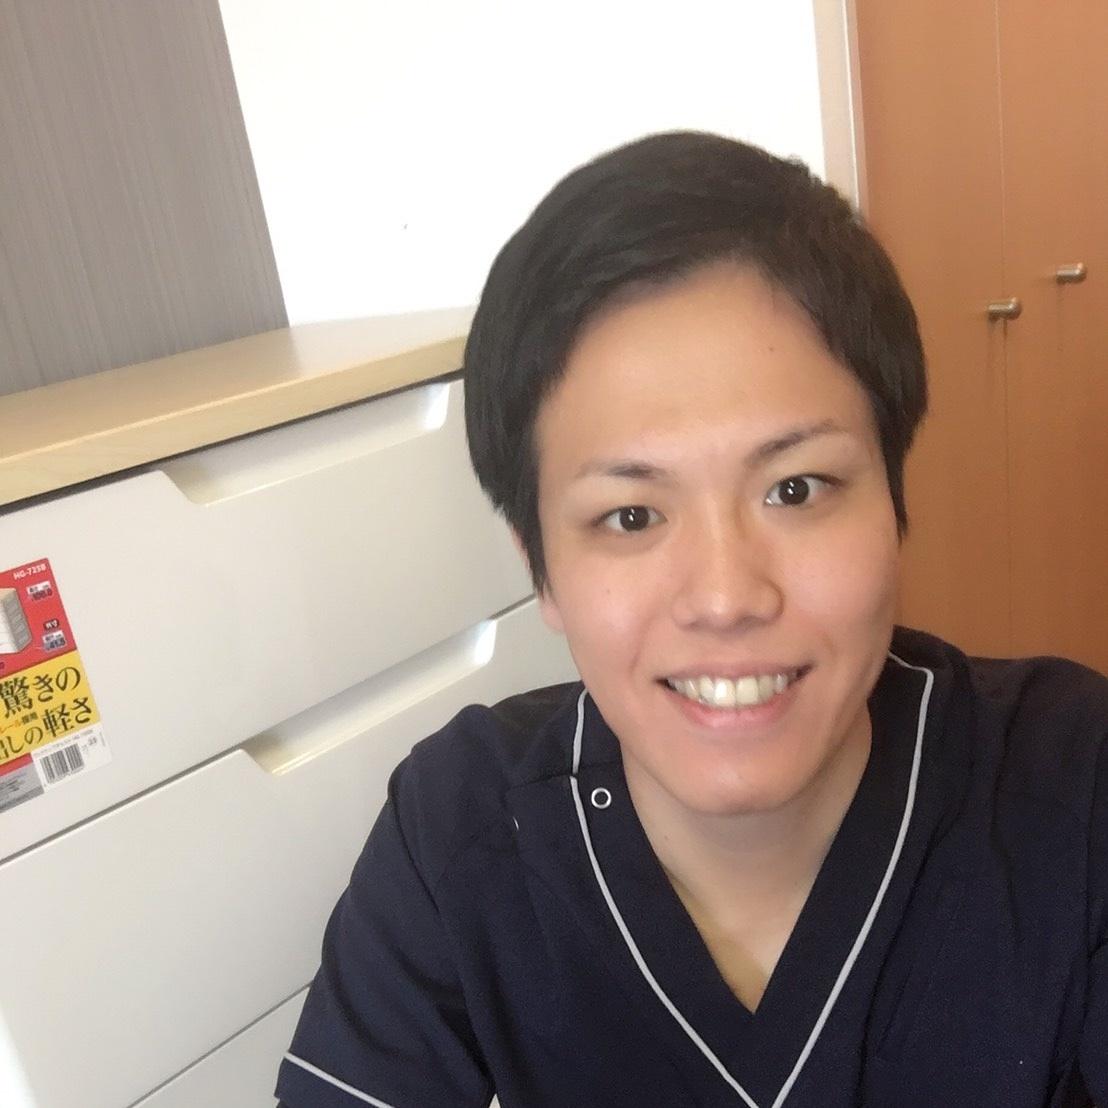 訪問専門 山本はり・きゅう治療院2